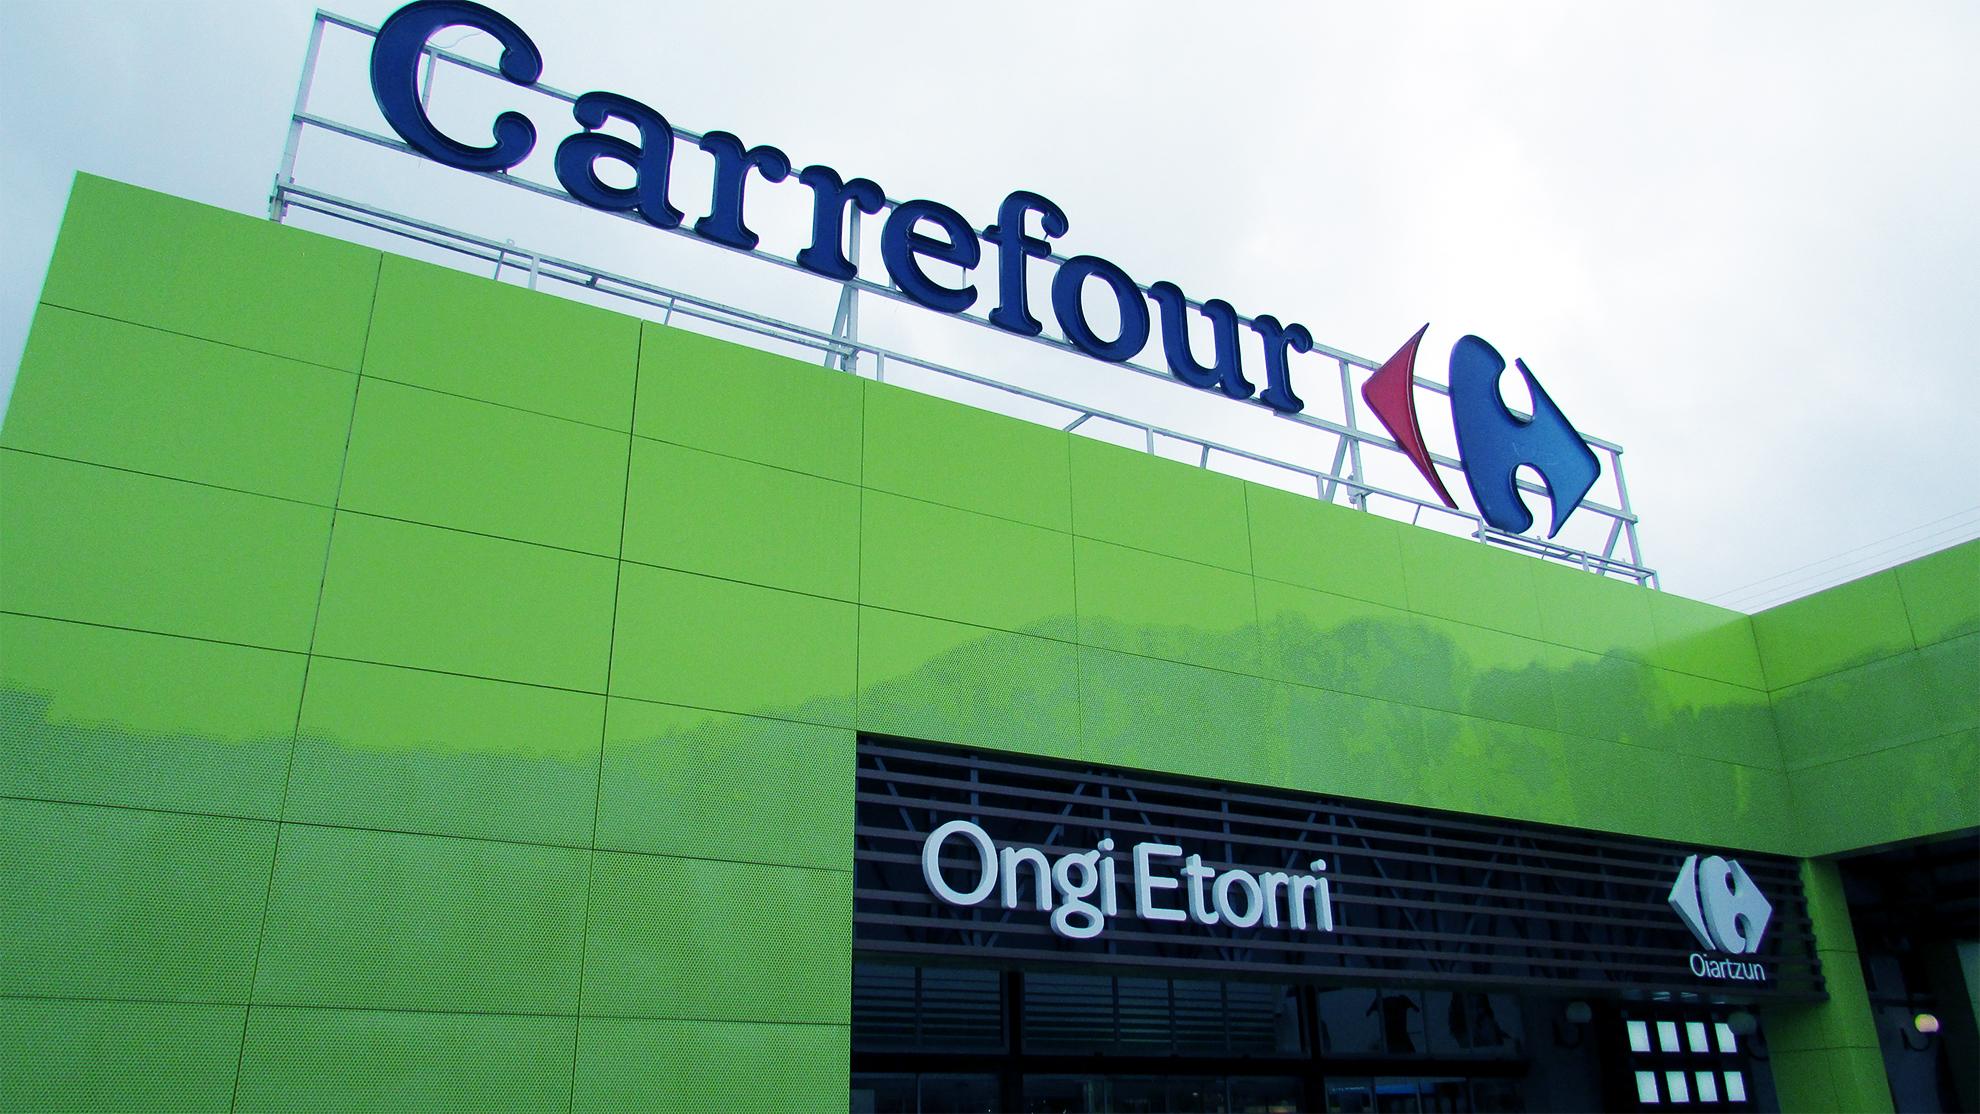 Carrefour.-Oiartzun-Espaa.-BC-Green_02_1585755066.jpg